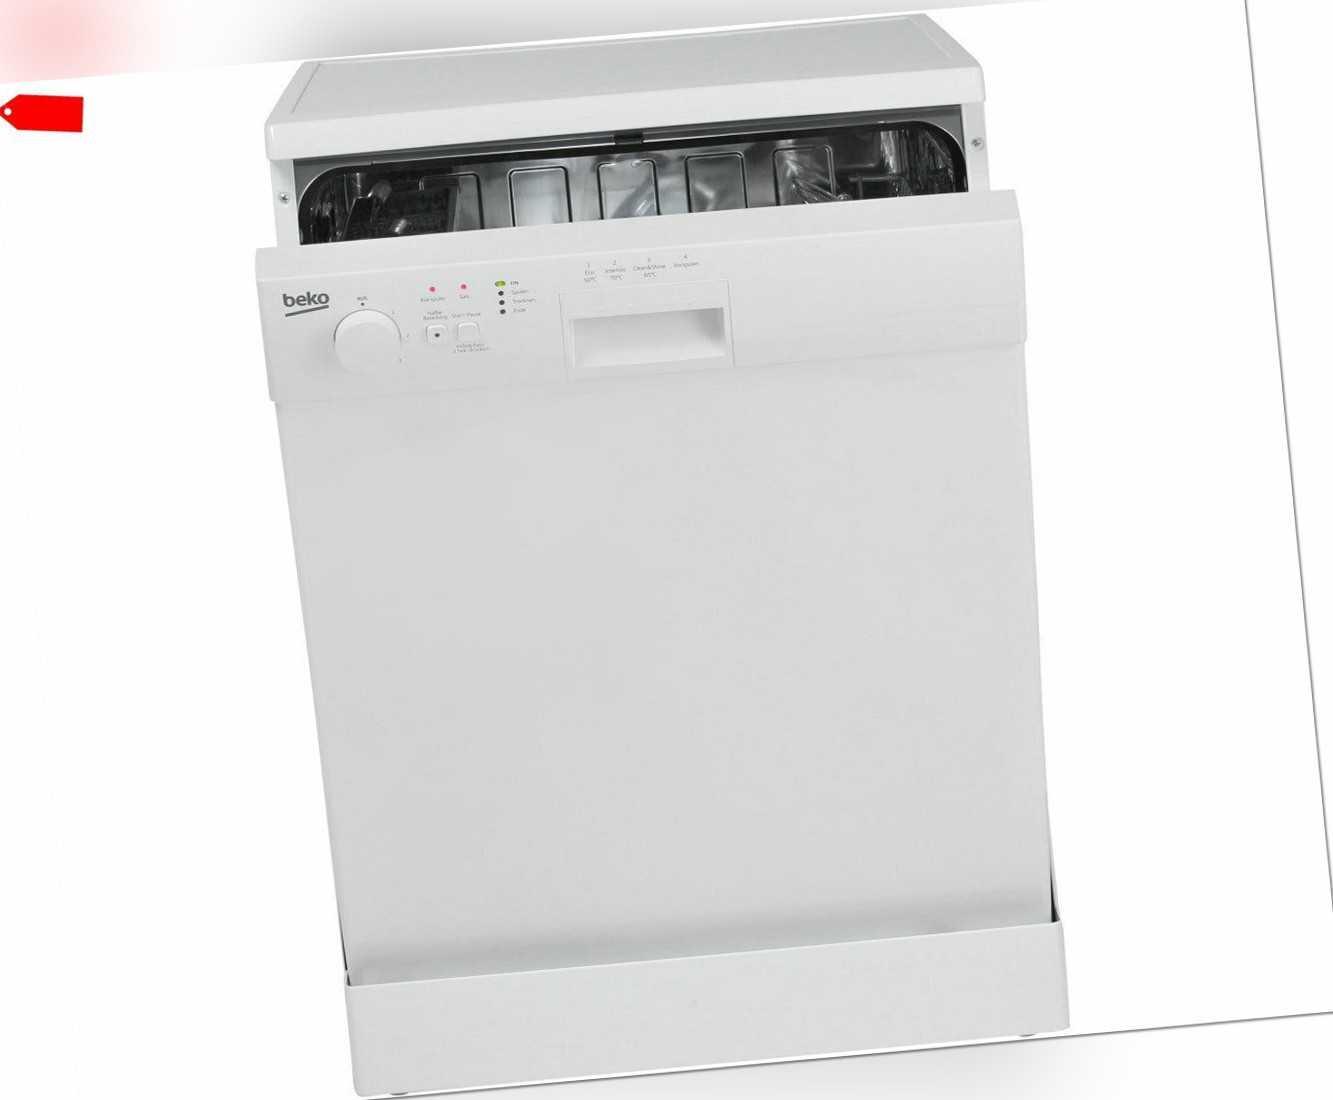 Beko DFL1442 Geschirrspüler Freistehend 60cm Weiß Neu; EEK A+++